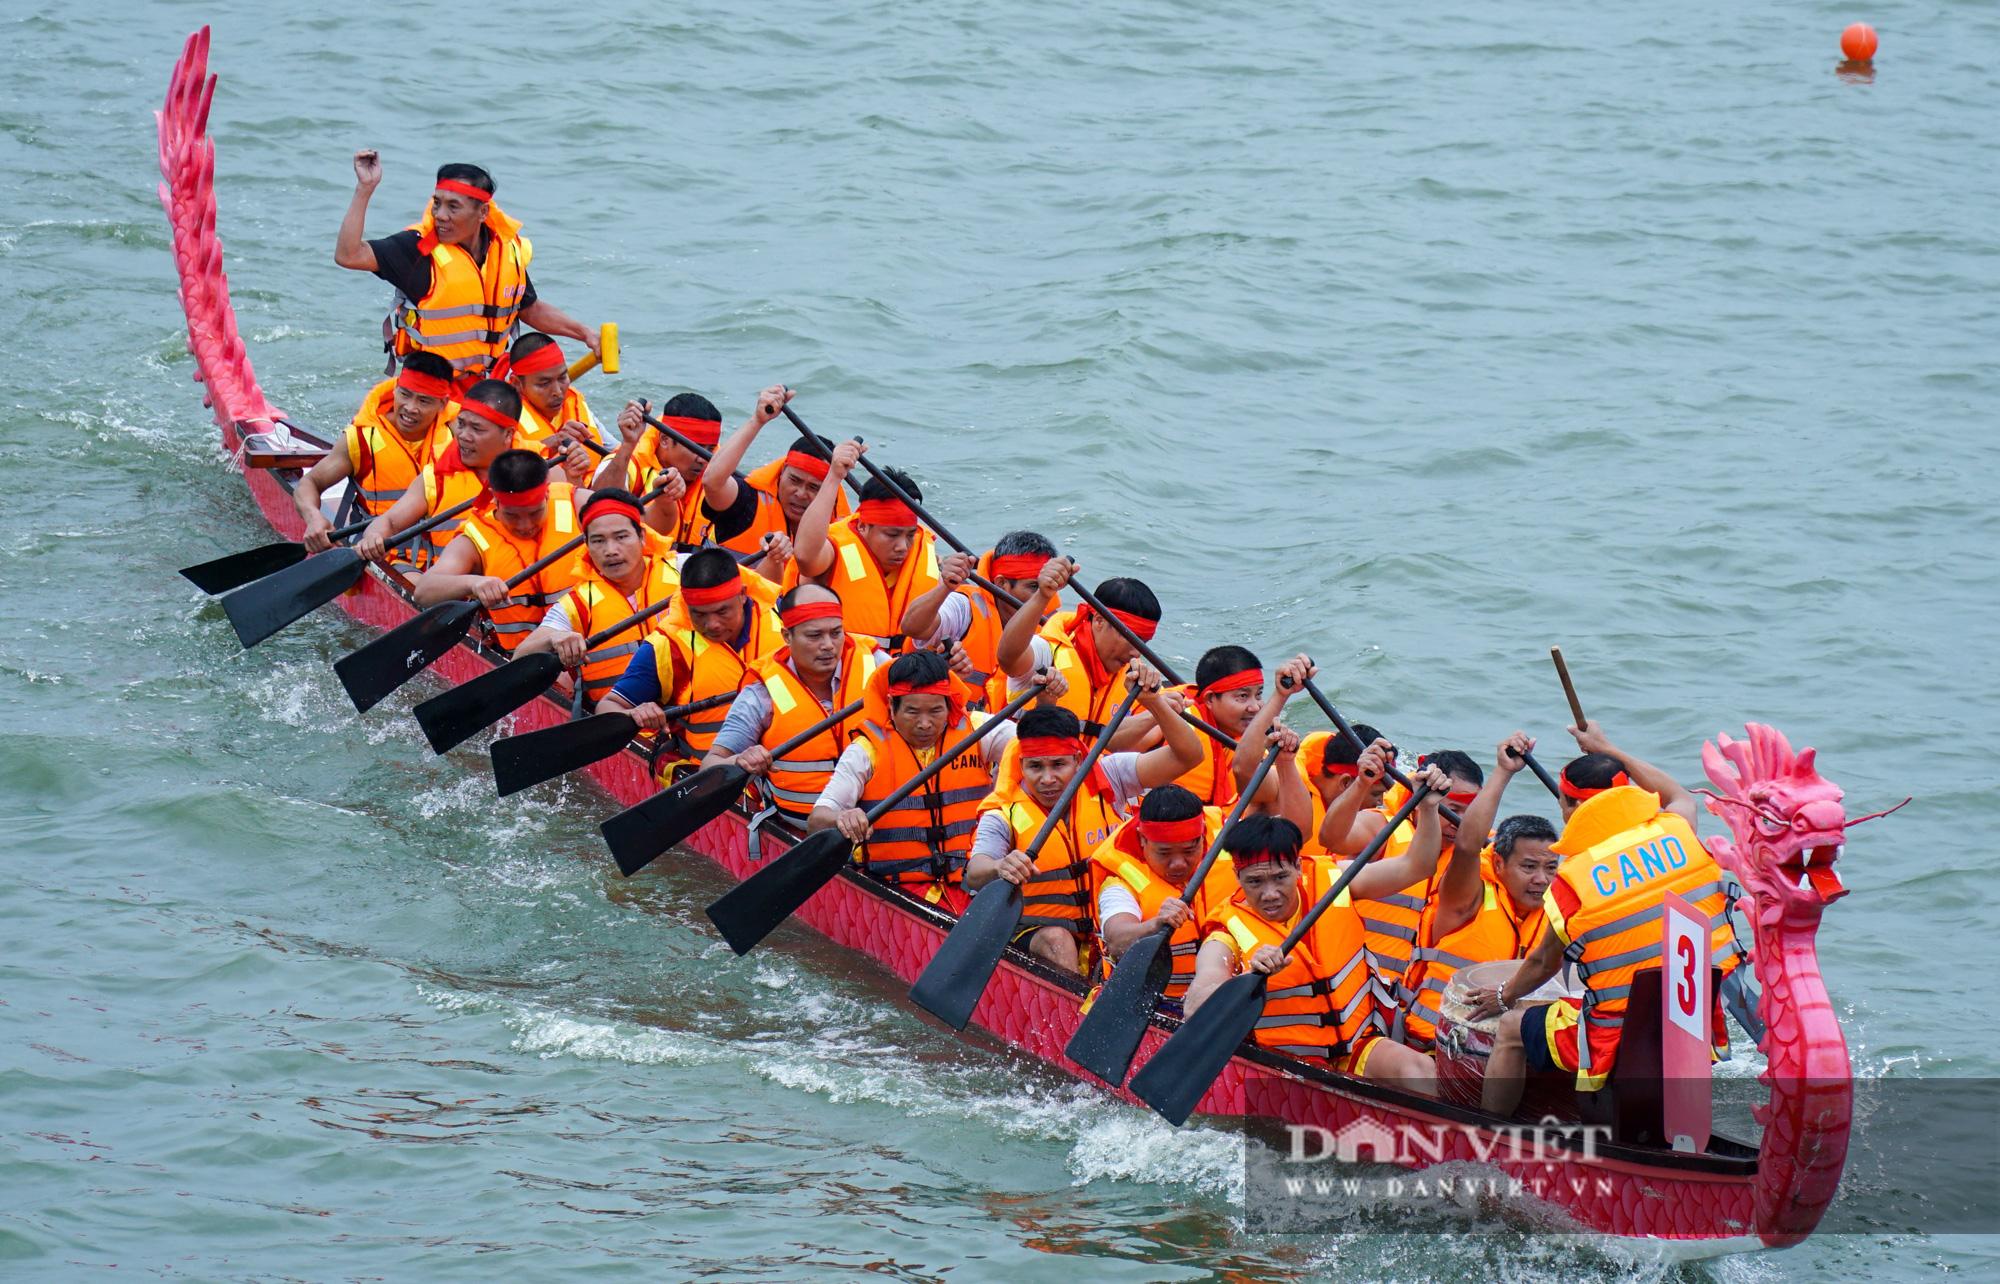 Phú Thọ: Kịch tính giải đua bơi chải chào mừng ngày giỗ Tổ Hùng Vương - Ảnh 6.